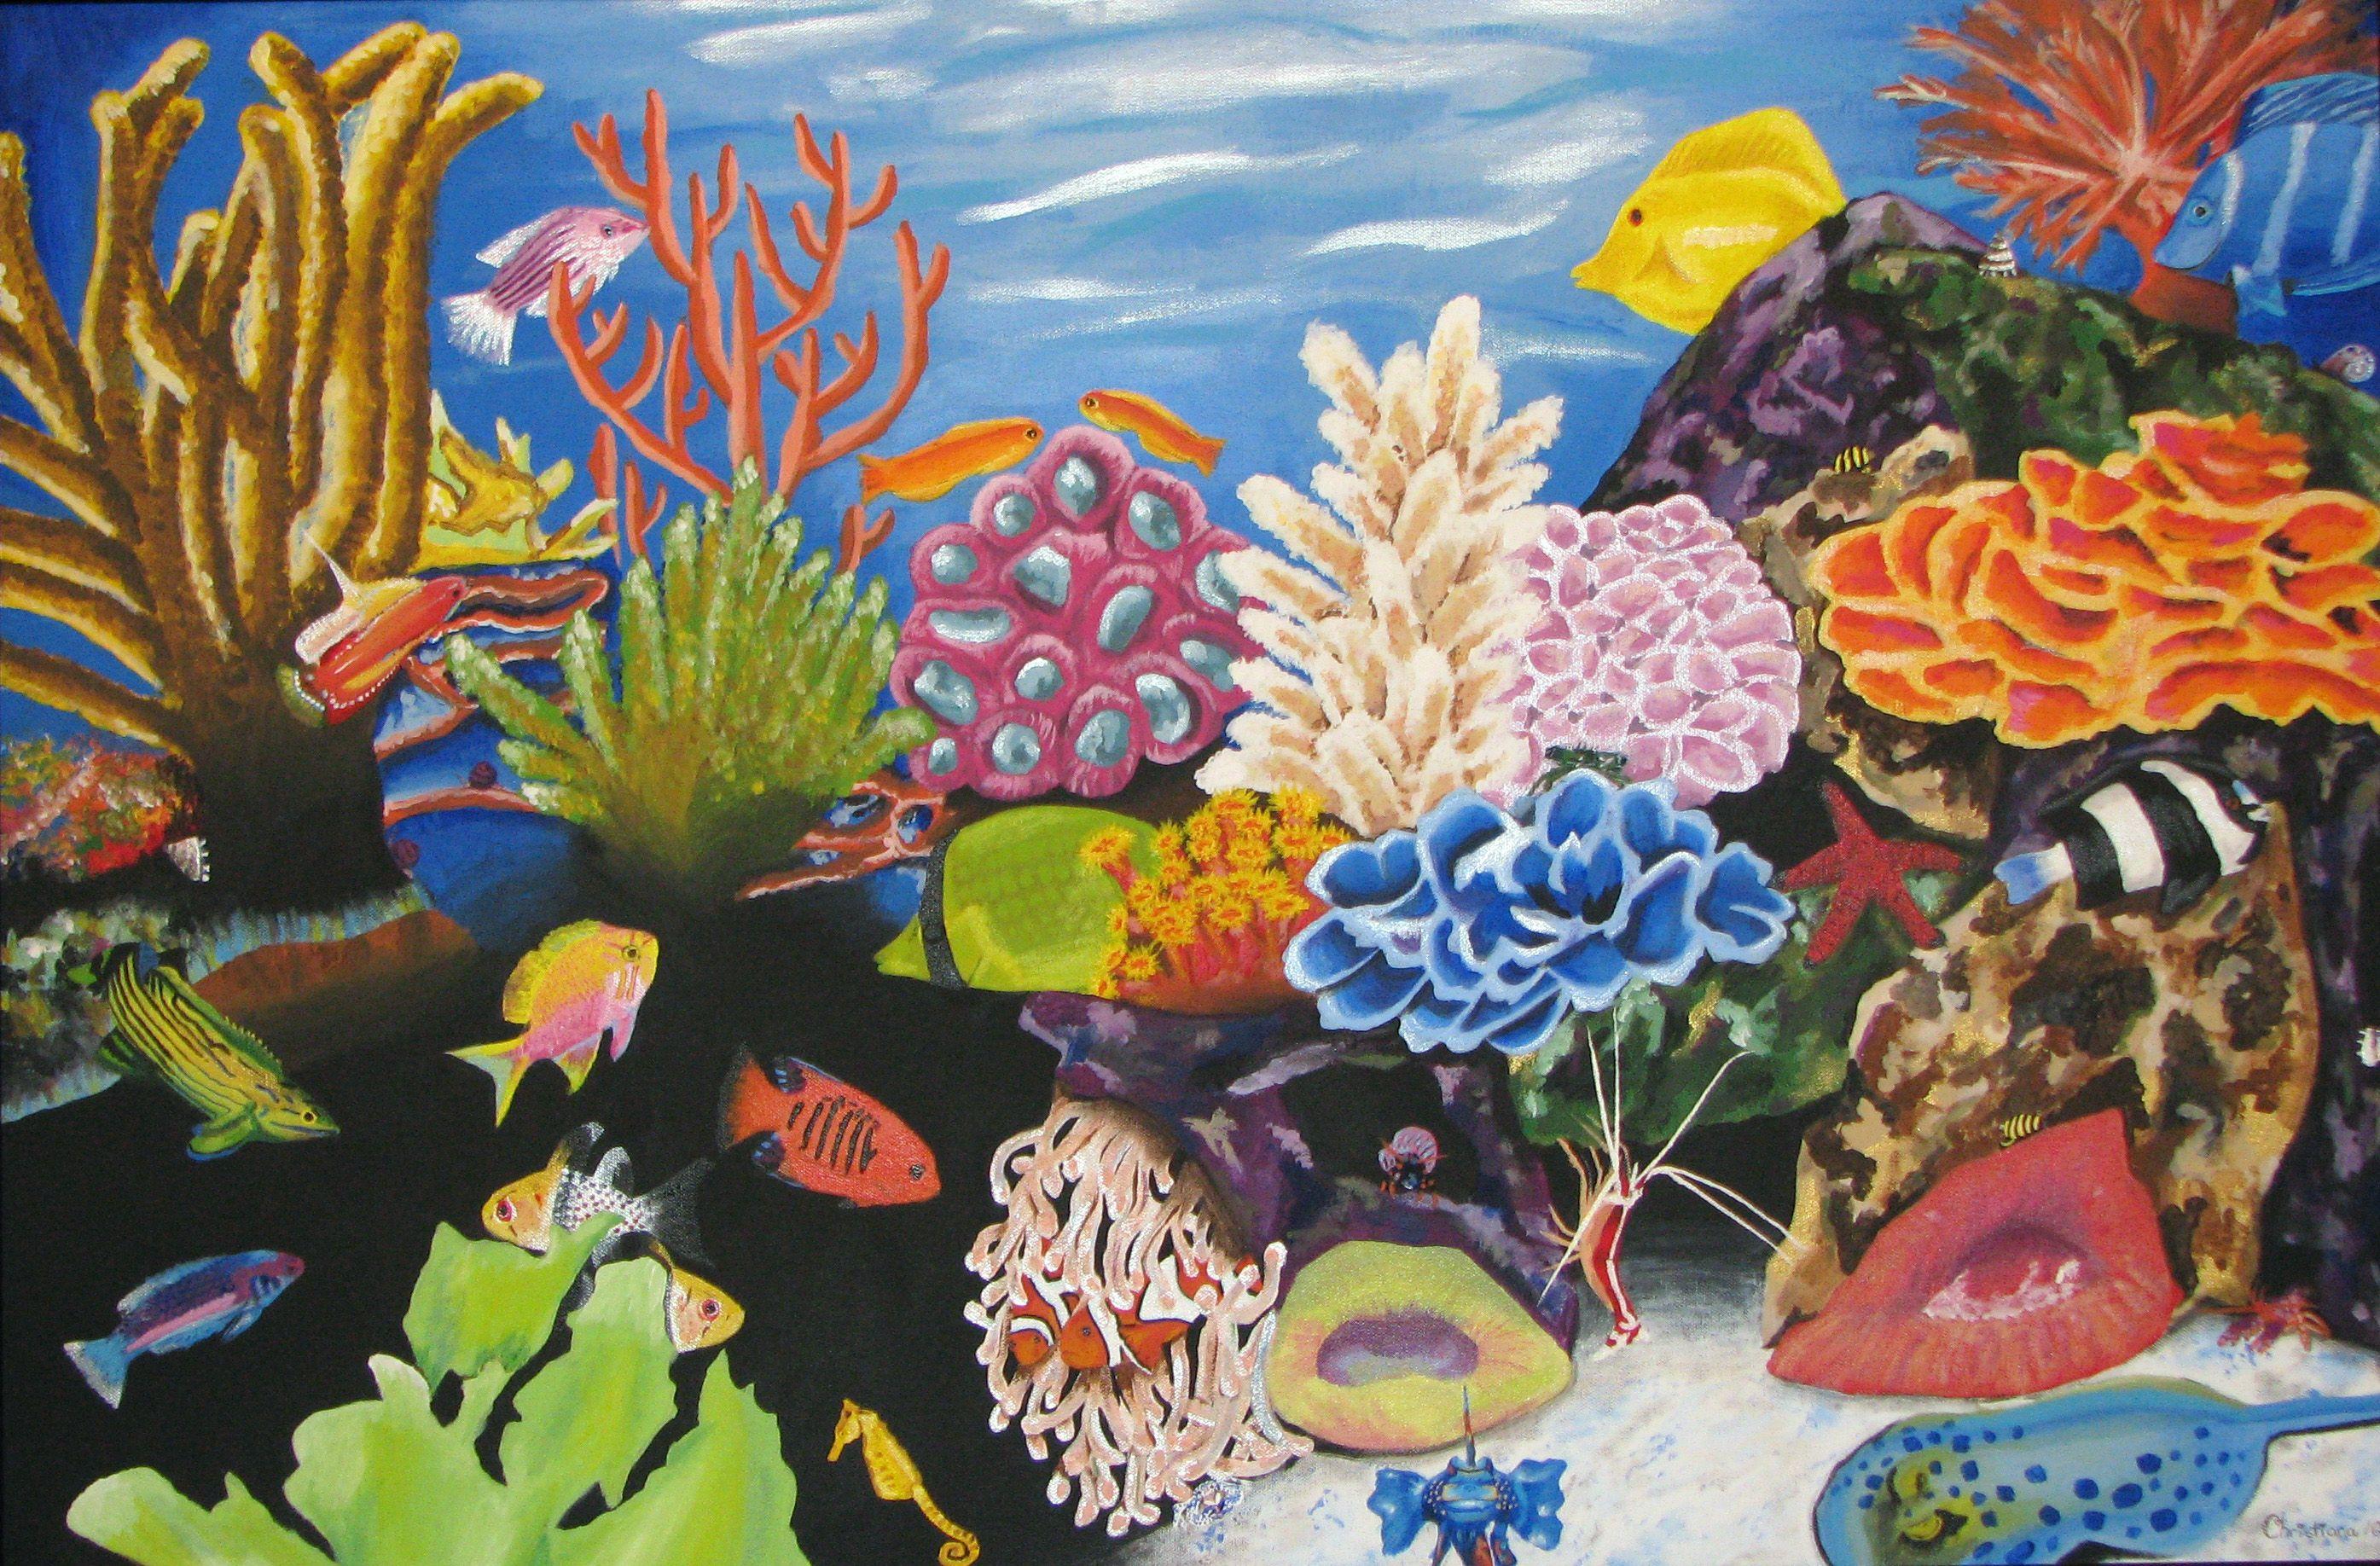 underwater painting easy - HD2790×1836